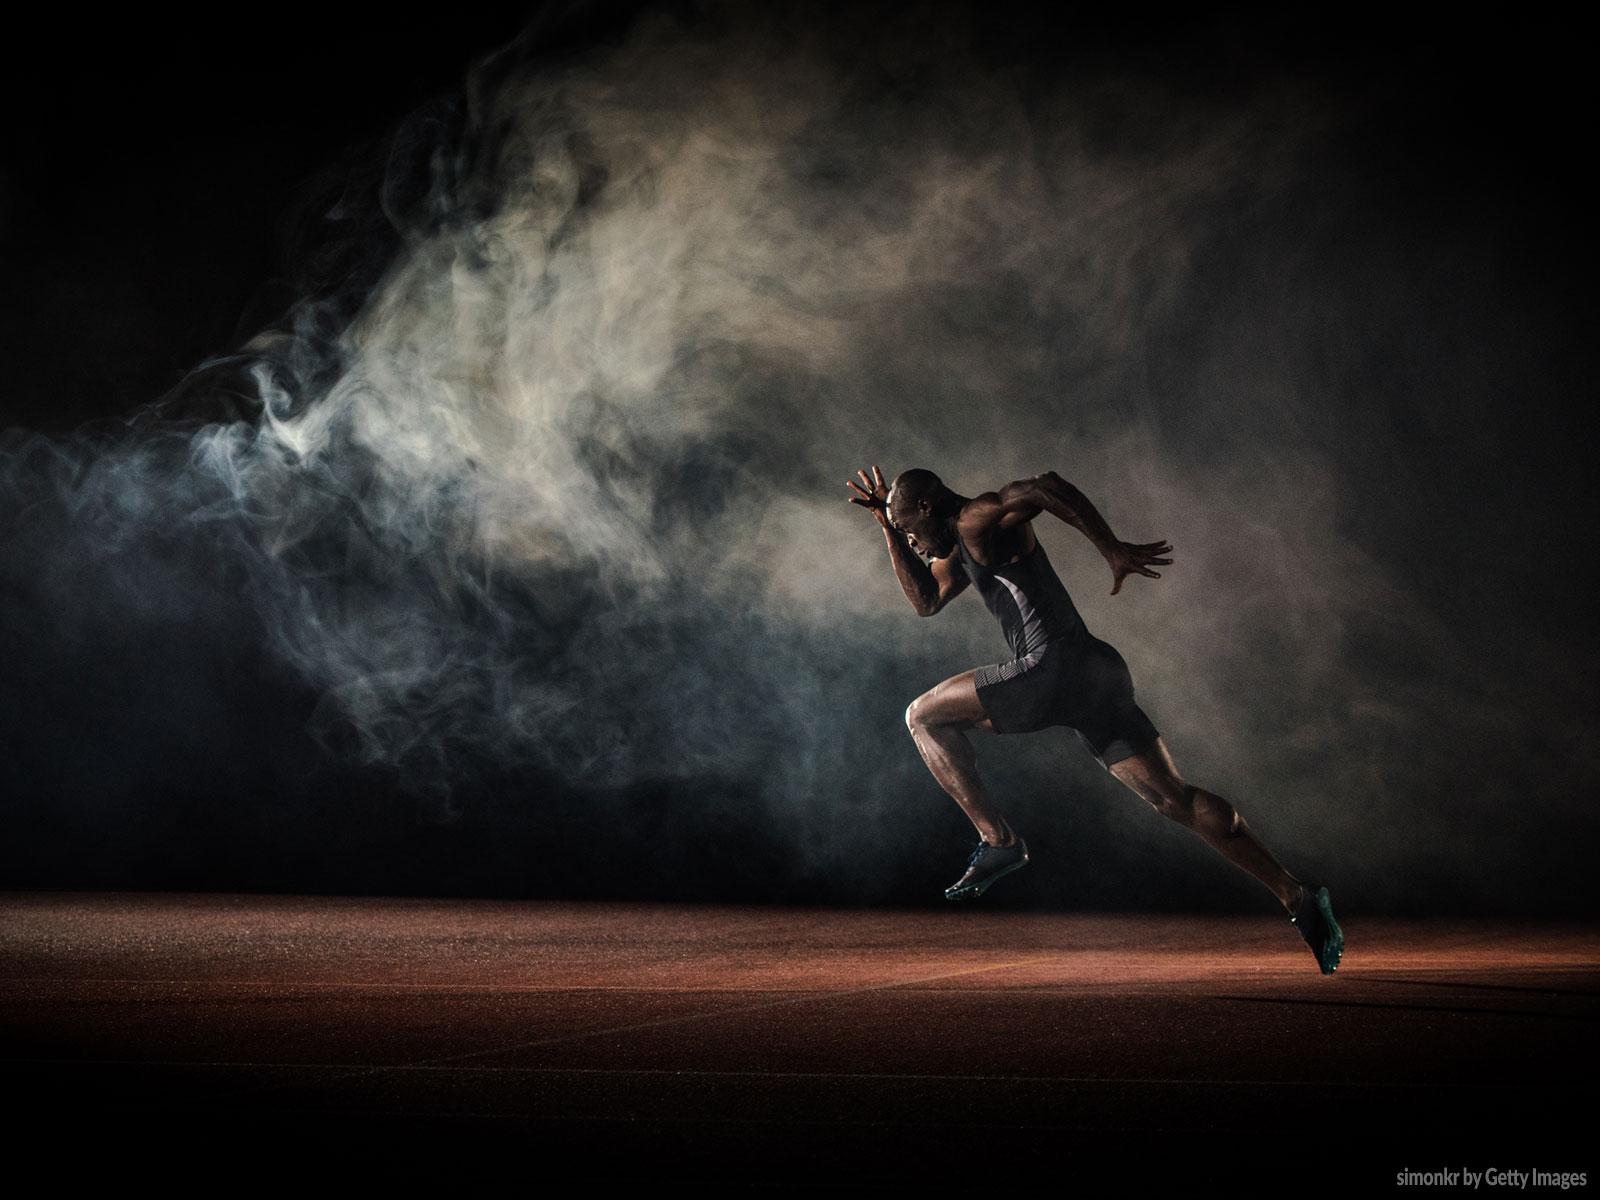 É-preciso-superar-e-vencer-os-seus-limites-com-garra-e-força